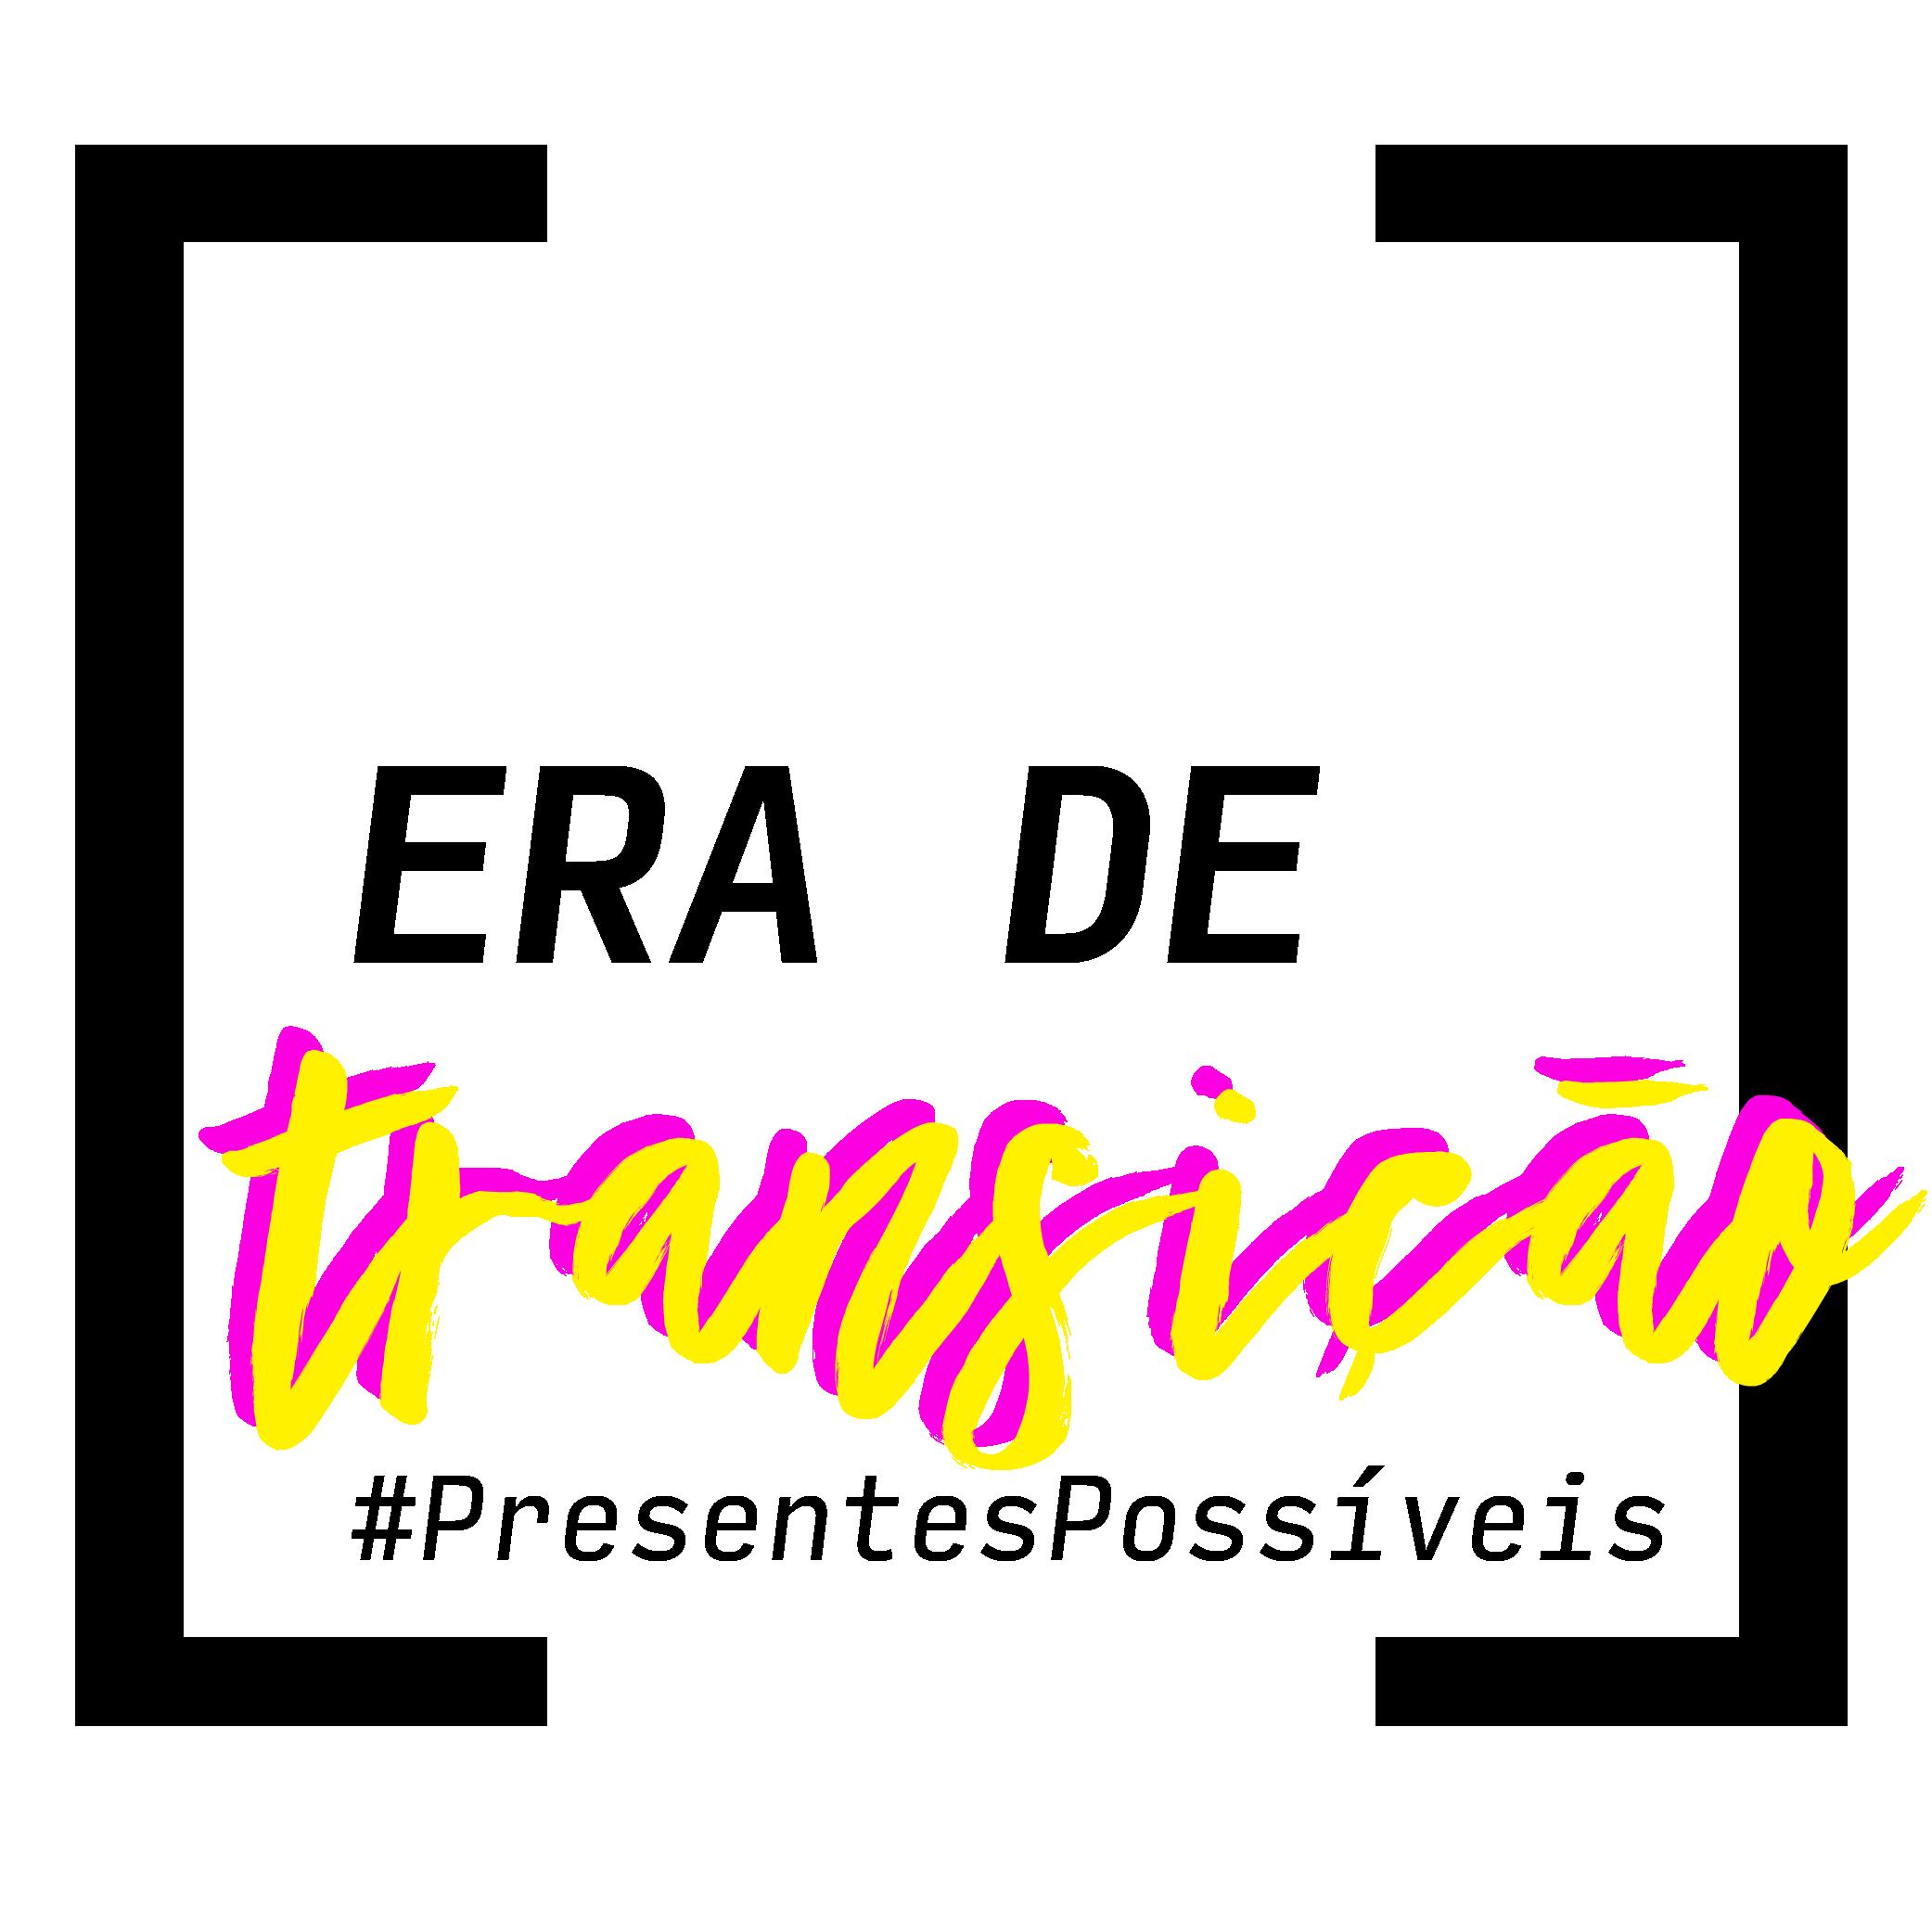 tendencia-era-de-transicao